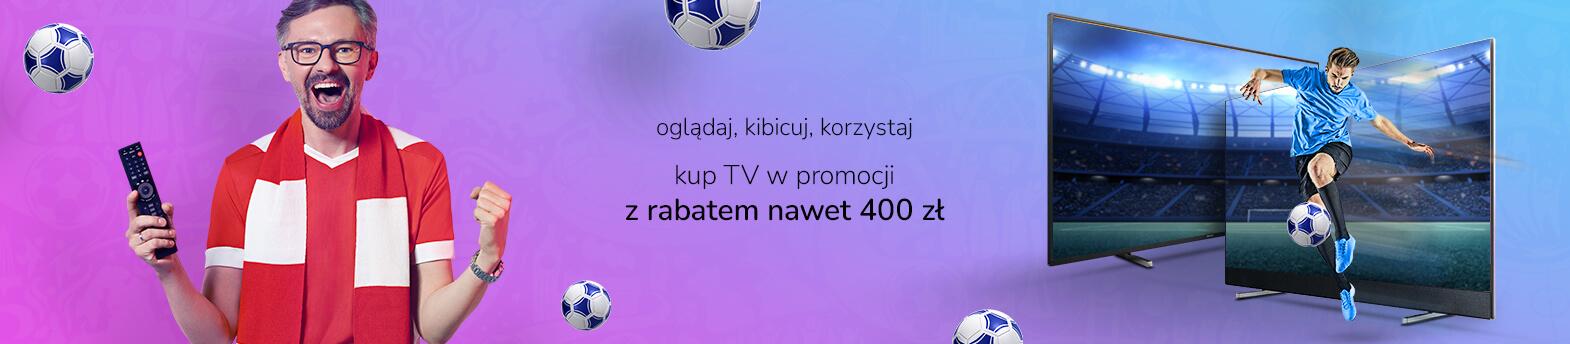 telewizory do 400 zł taniej